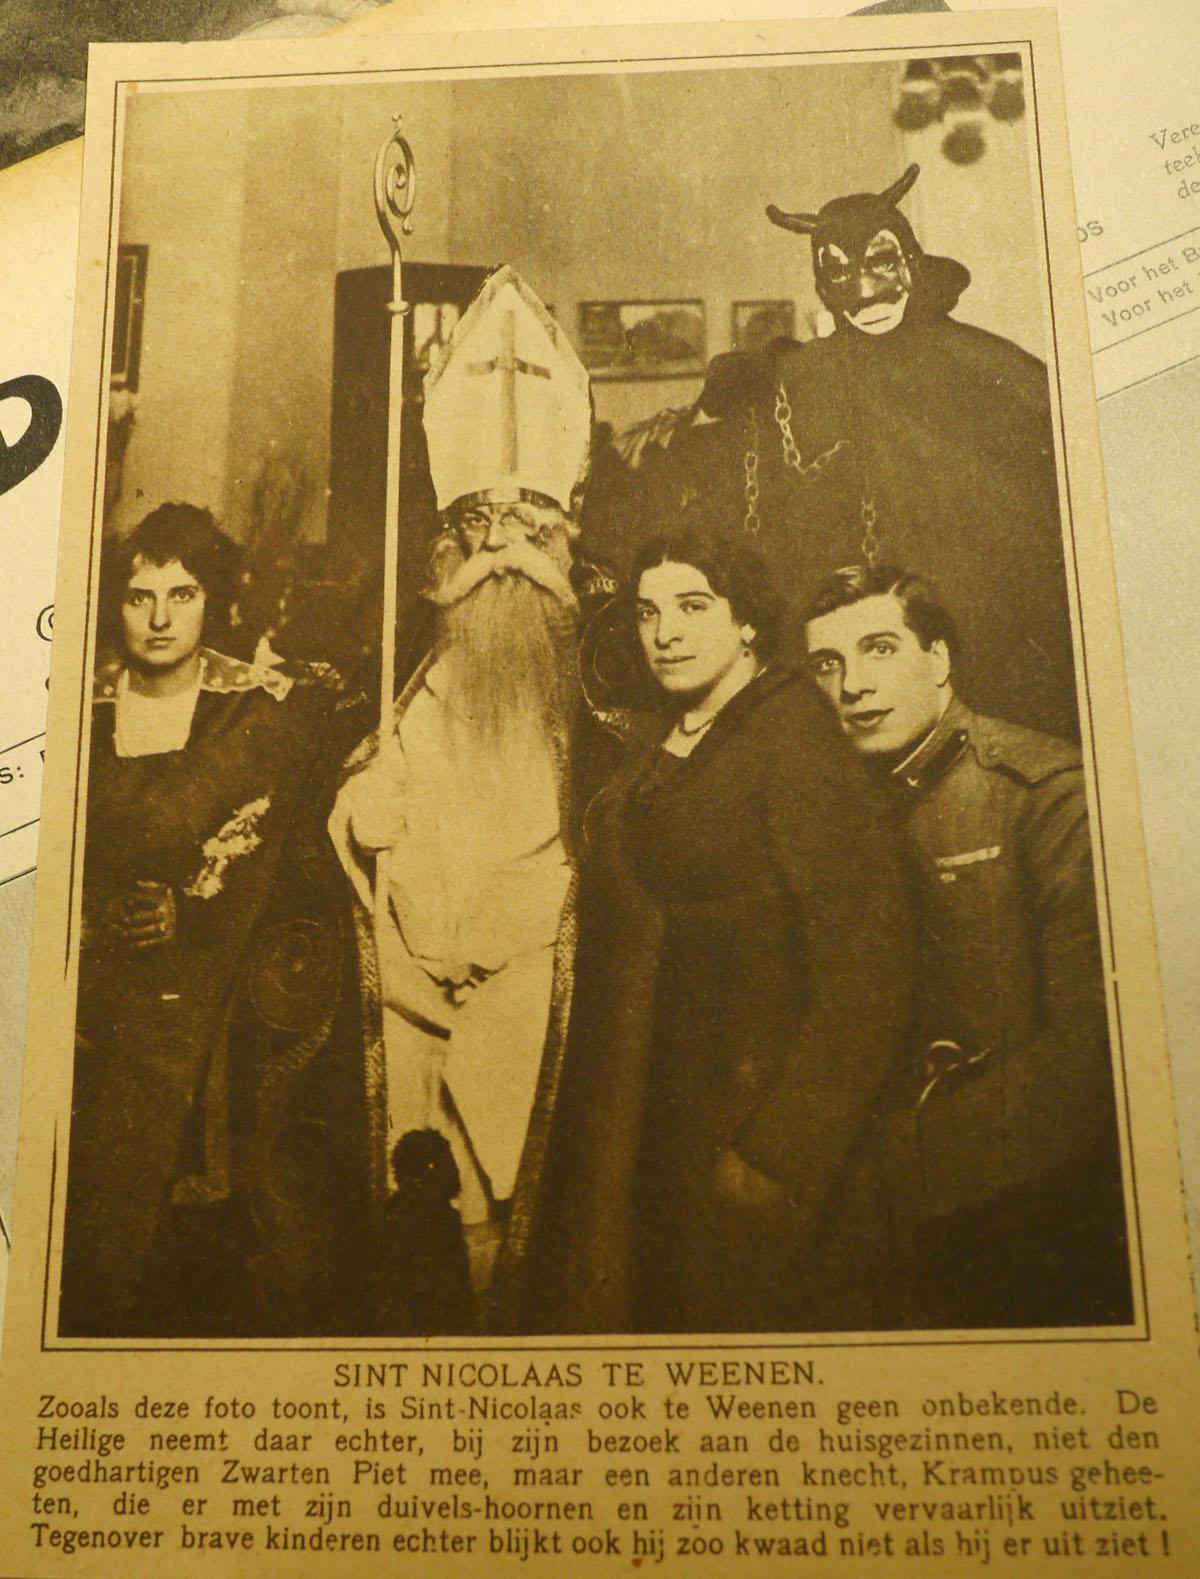 """Katholieke Illustratie van 4 december 1920. Het personage """"Krampus"""" draagt ketenen. (Knipsel uit eigen collectie)"""